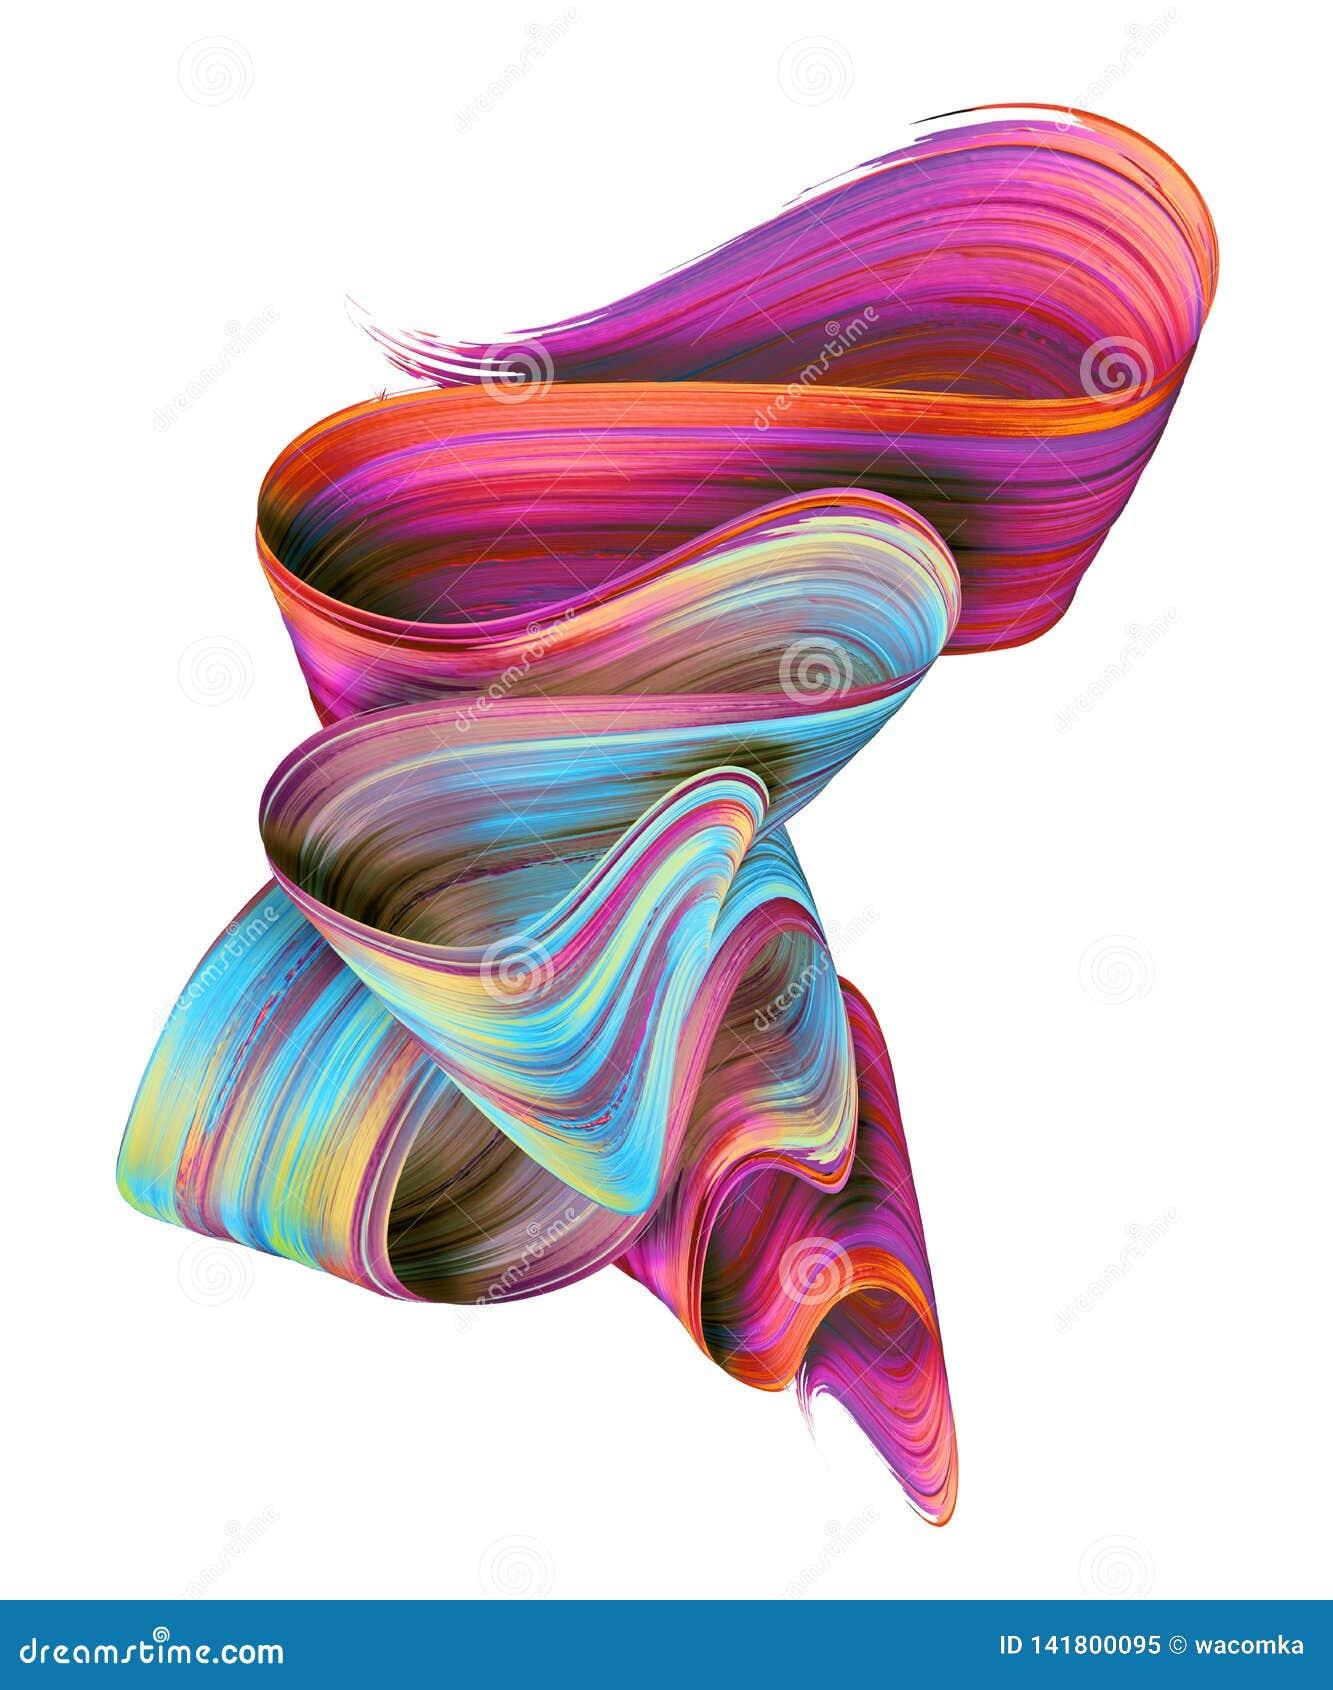 3d rendem, curso abstrato da escova, mancha de néon, fita dobrada colorida, textura da pintura, clipart artístico, isolado no bra